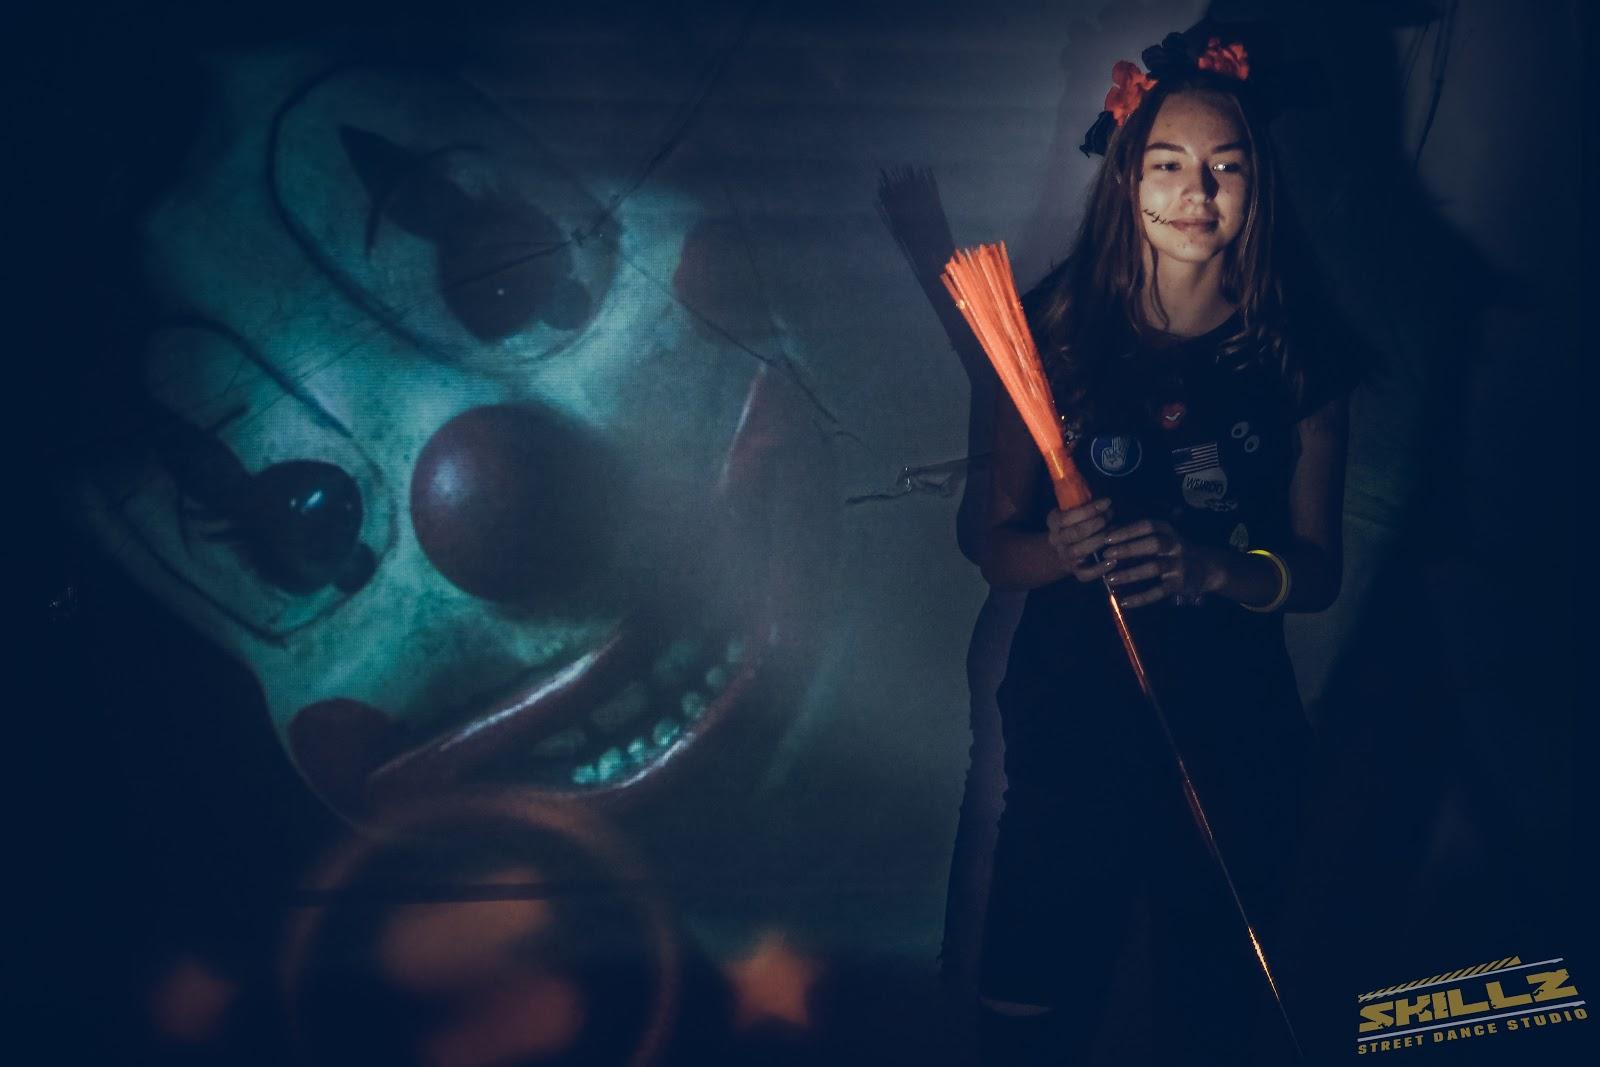 Naujikų krikštynos @SKILLZ (Halloween tema) - PANA1531.jpg